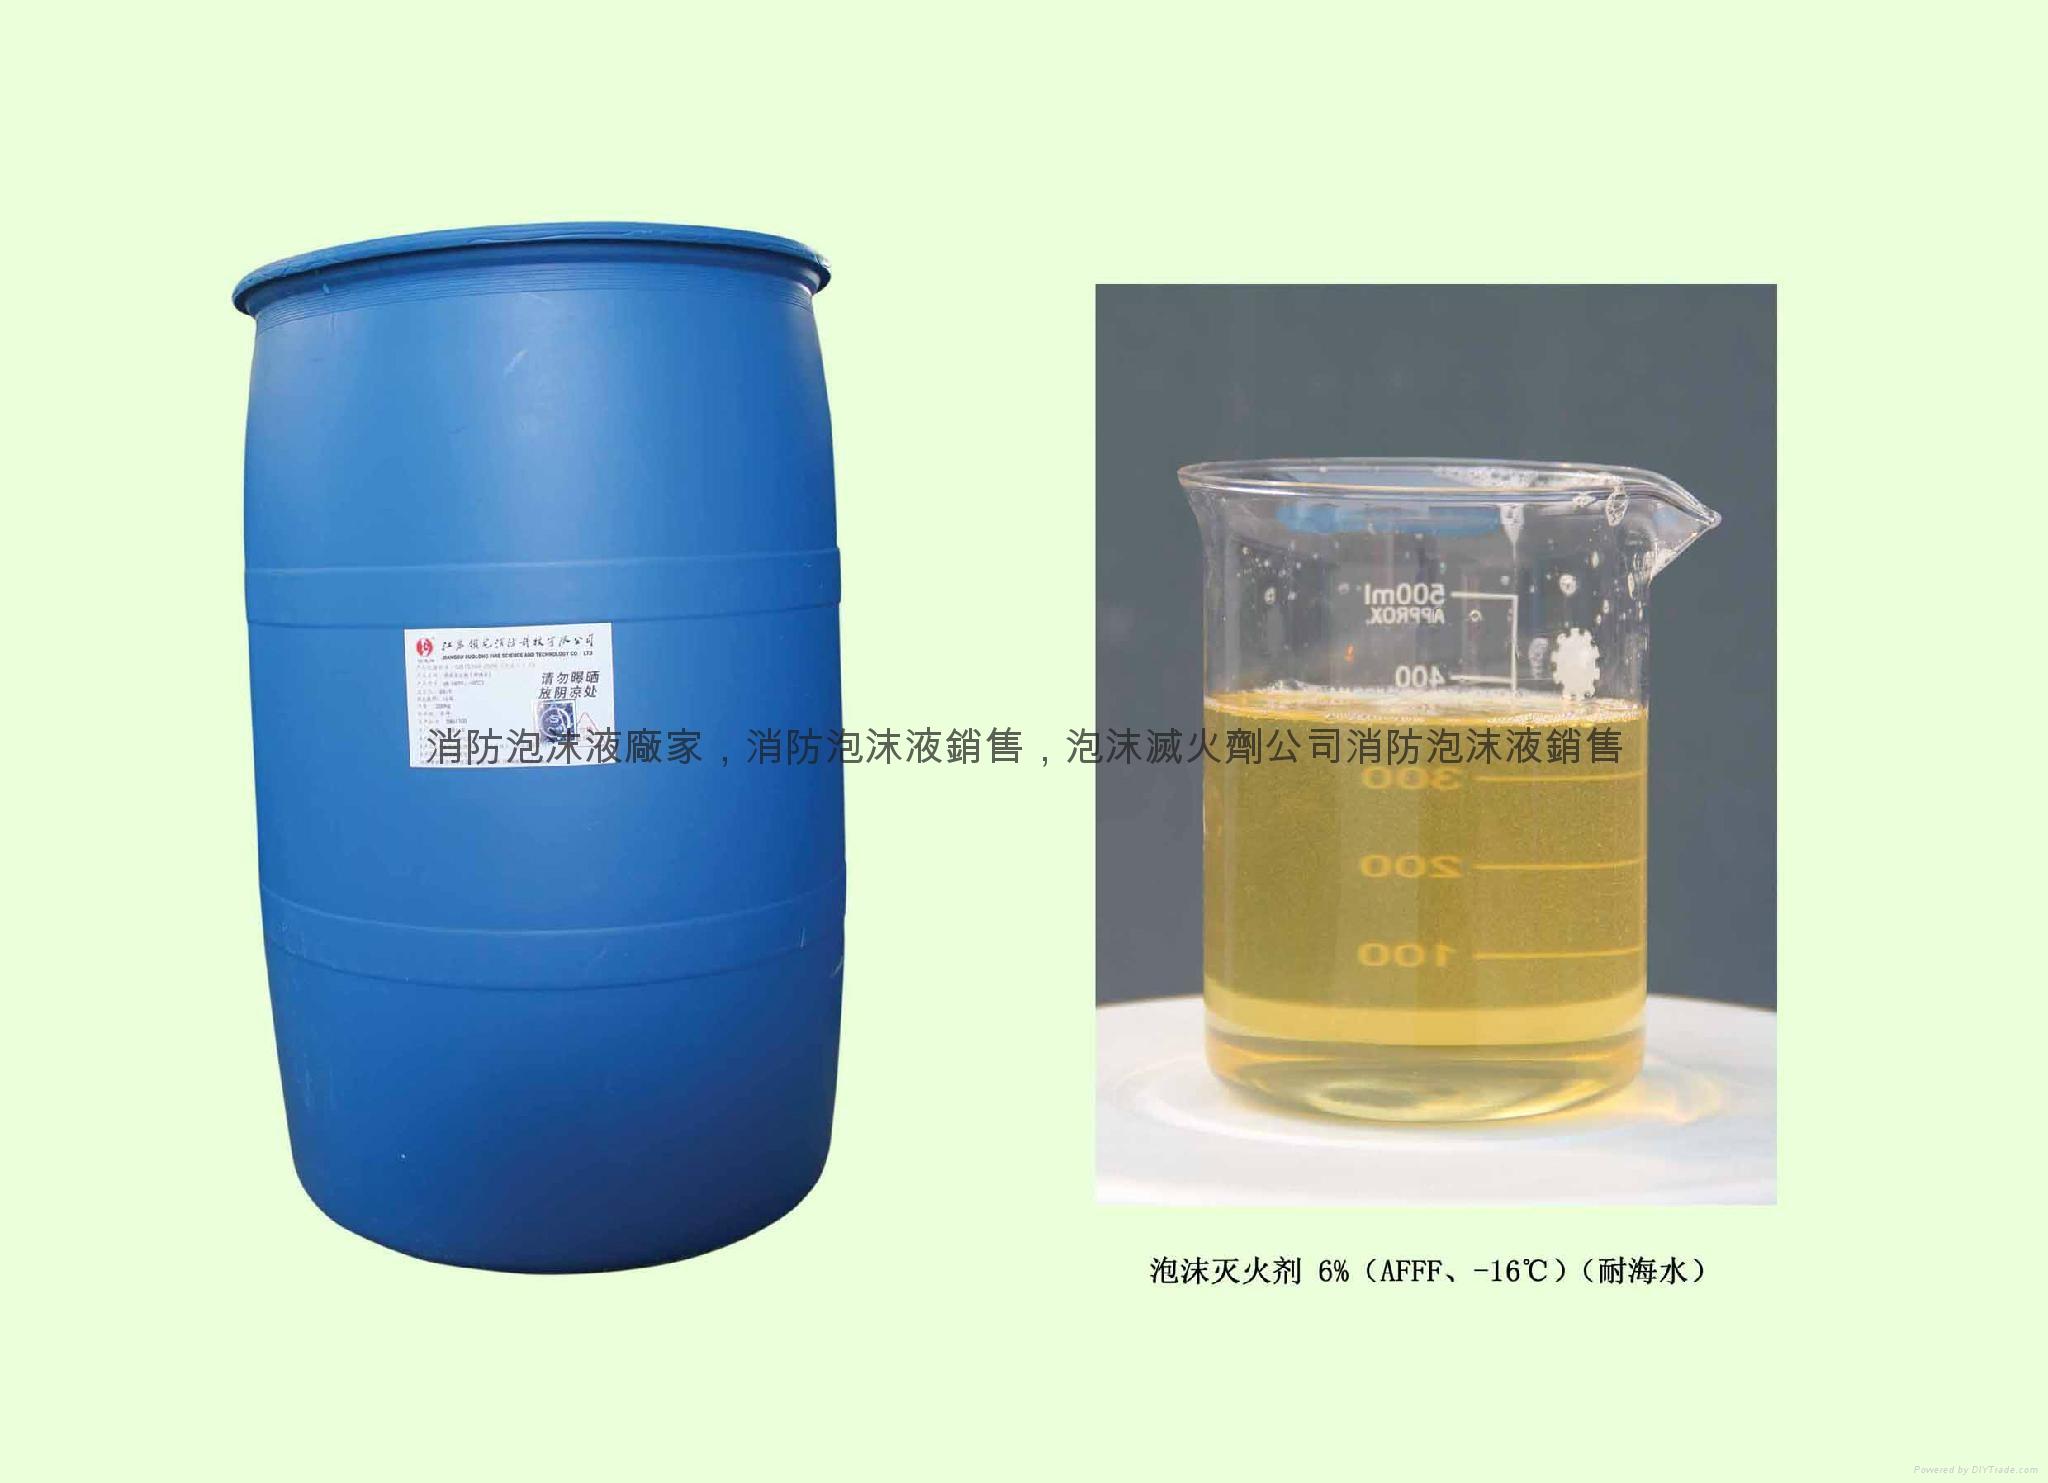 鎖龍1%AFFF水成膜泡沫高濃縮液 4